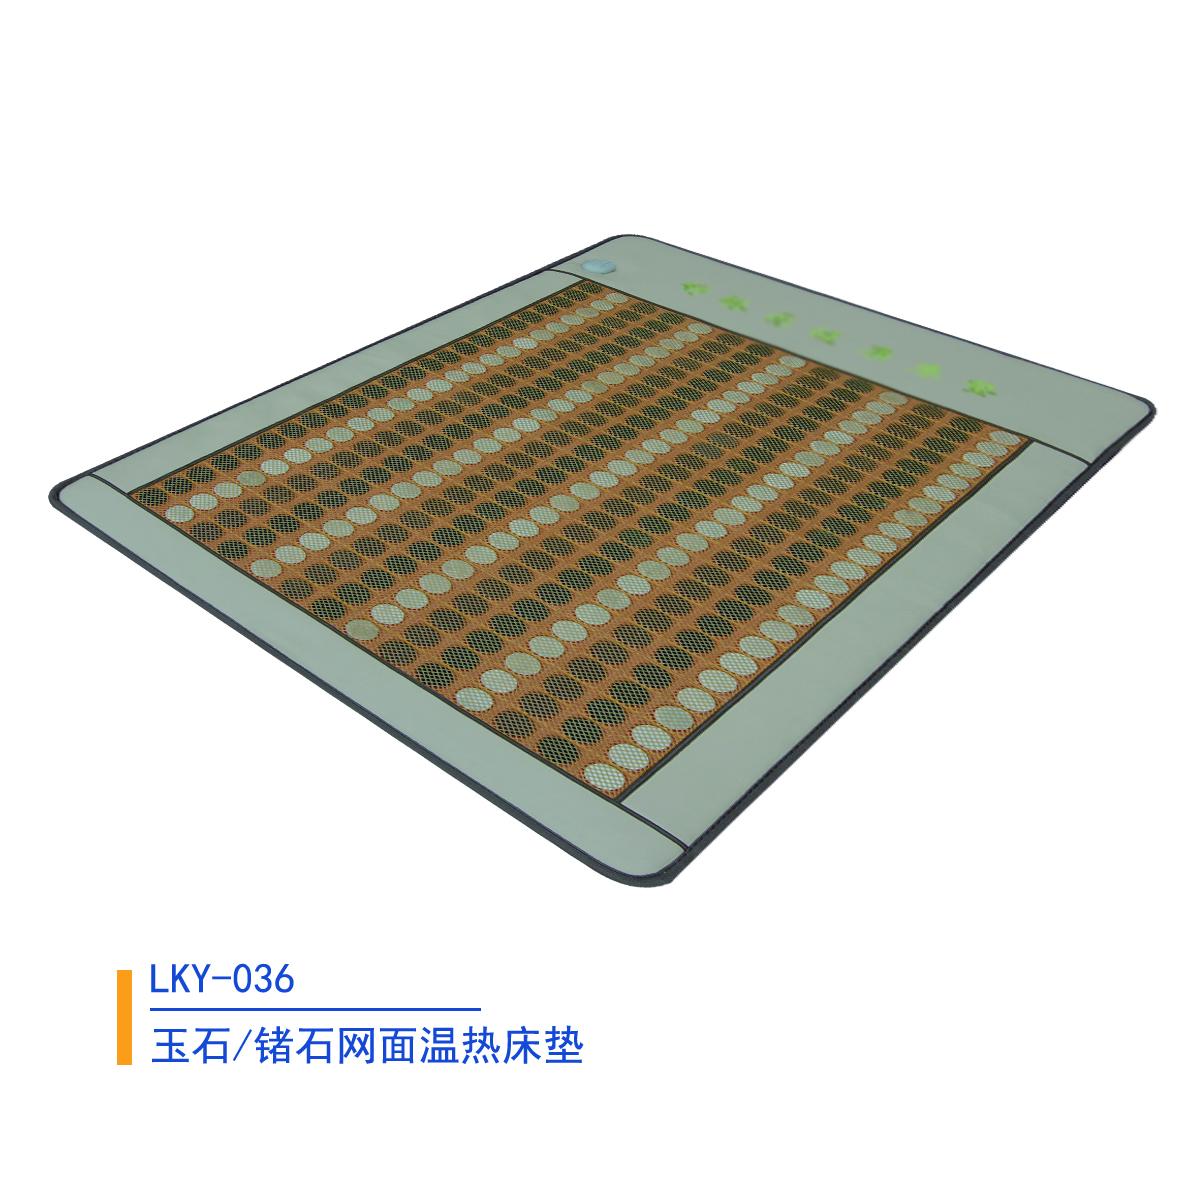 玉石锗石网面温热床垫036